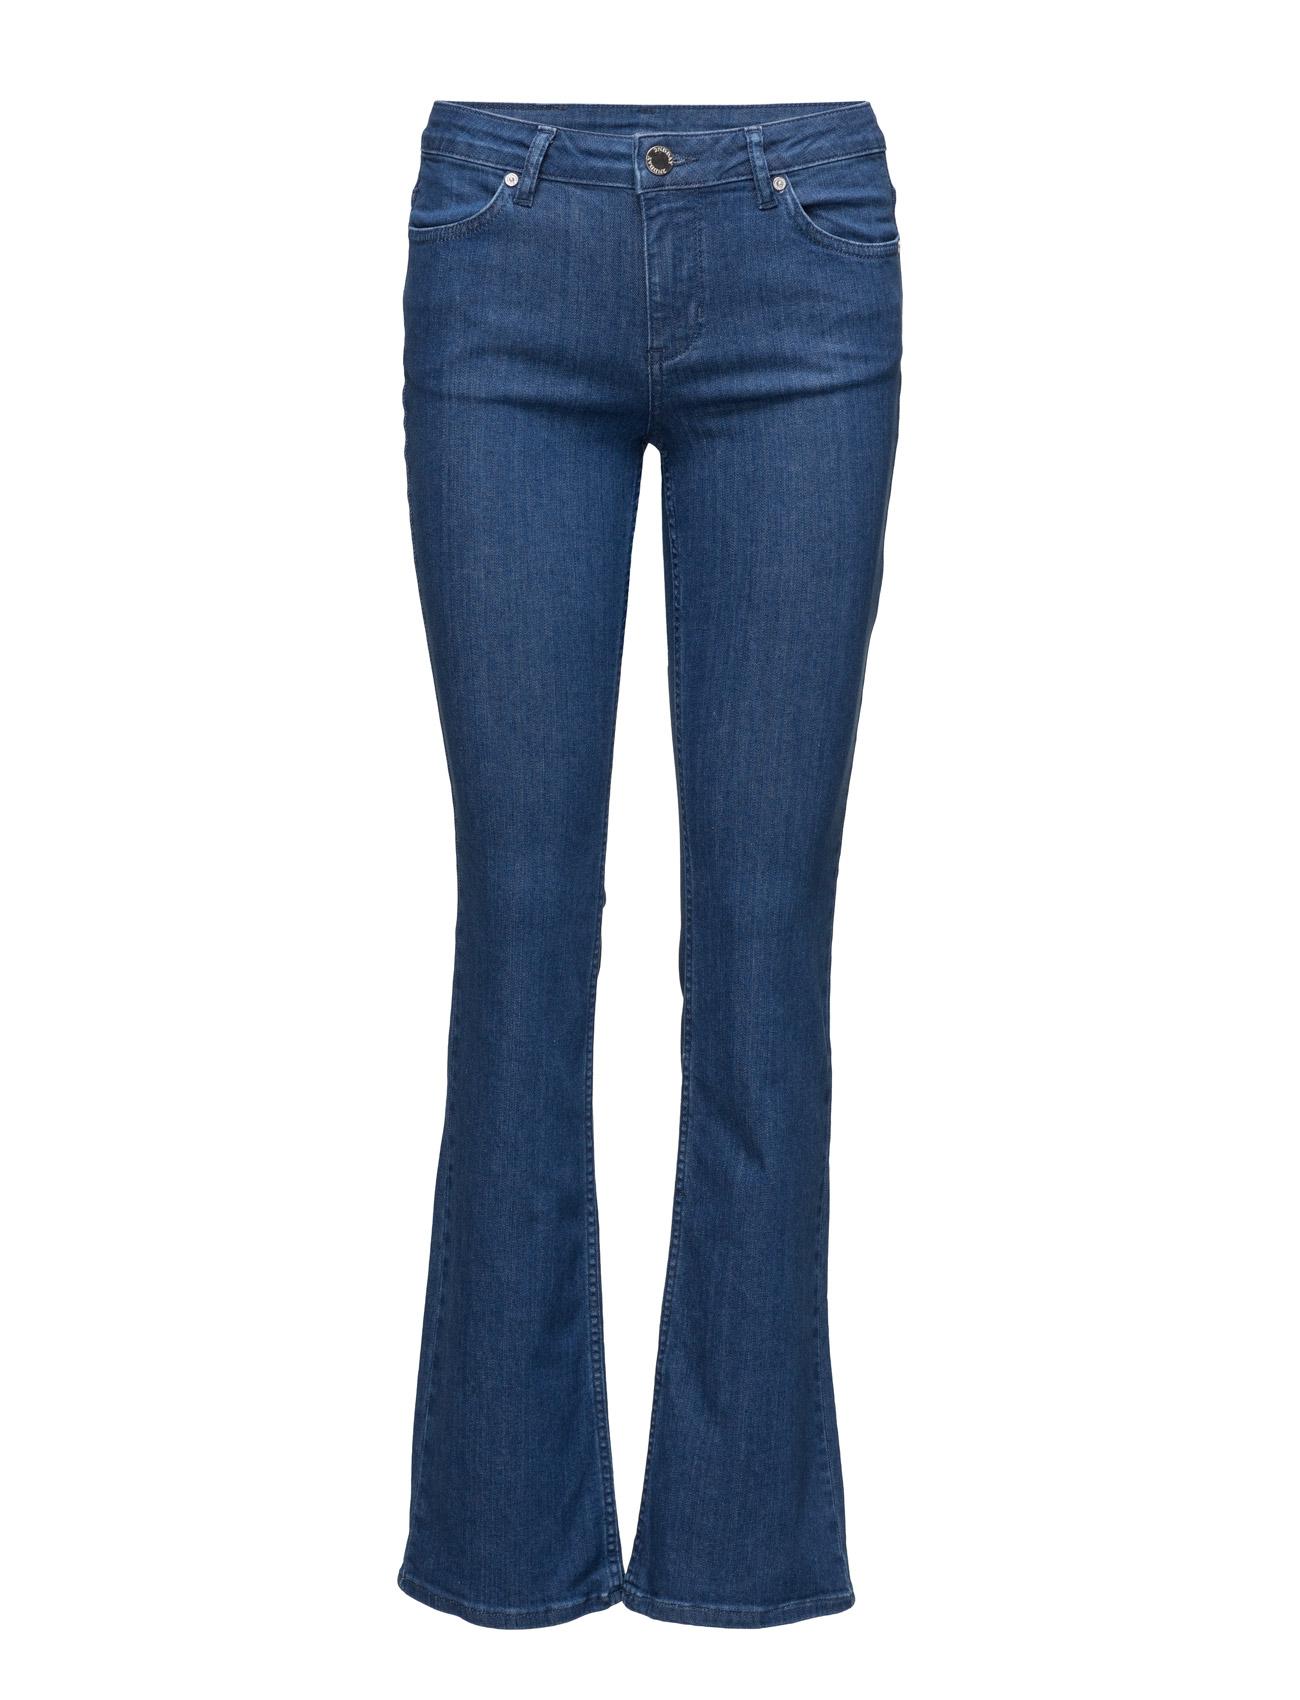 2nd Flare Sky Blue 2NDDAY Jeans til Kvinder i Bright blå